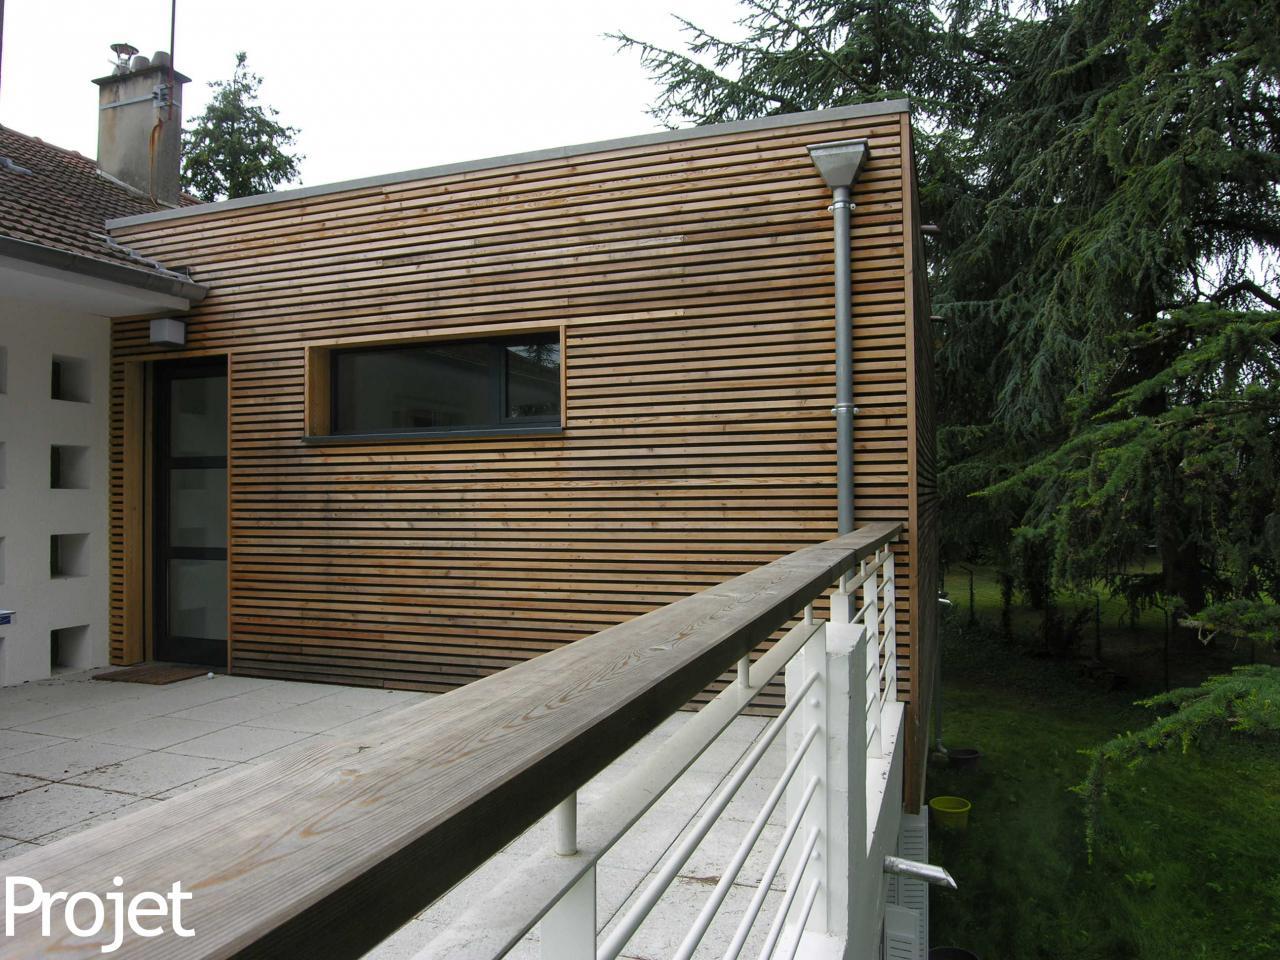 extension d 39 une maison sur garage existant. Black Bedroom Furniture Sets. Home Design Ideas